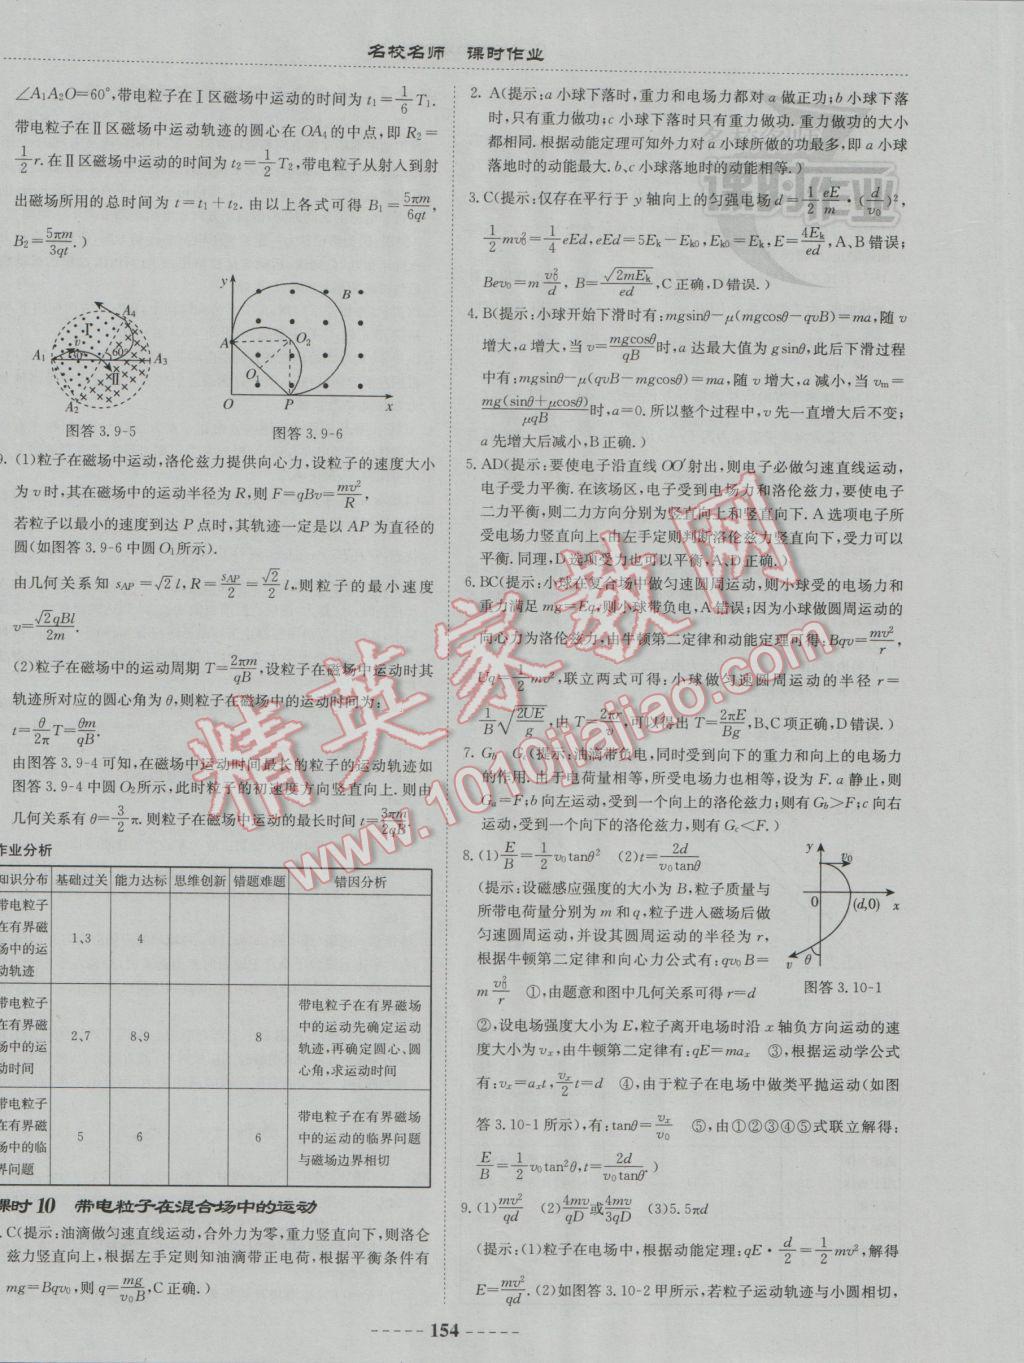 名校名师答案作业高中课时选修3-1人教版参考高中第35页物理柯尊尧图片